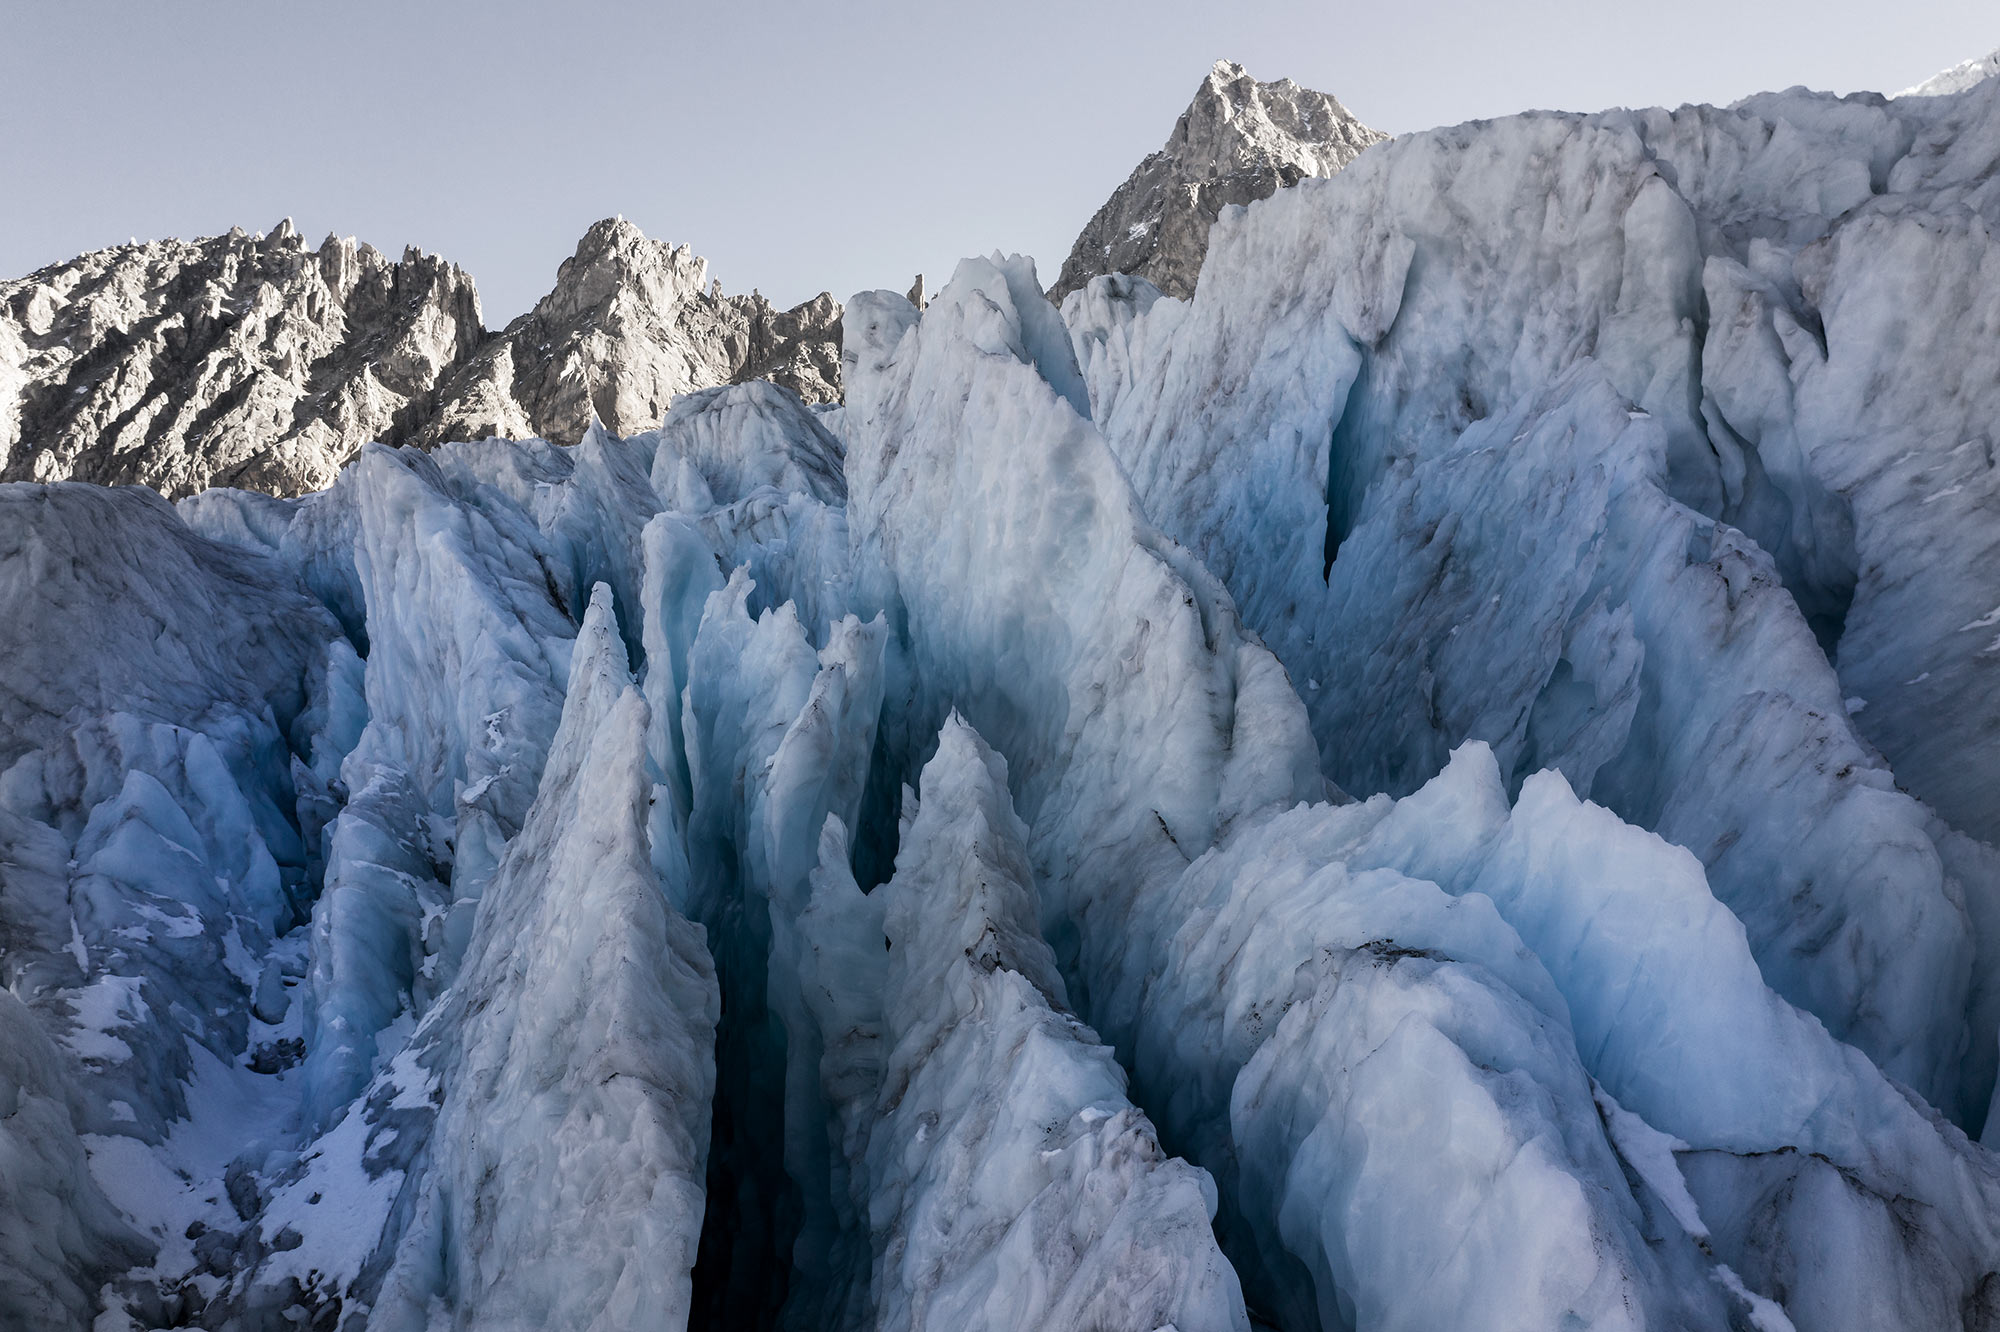 #397 Glaciers,Glacier du Trient, 2018,46°0'48.611″ N 7°1'22.091″ E